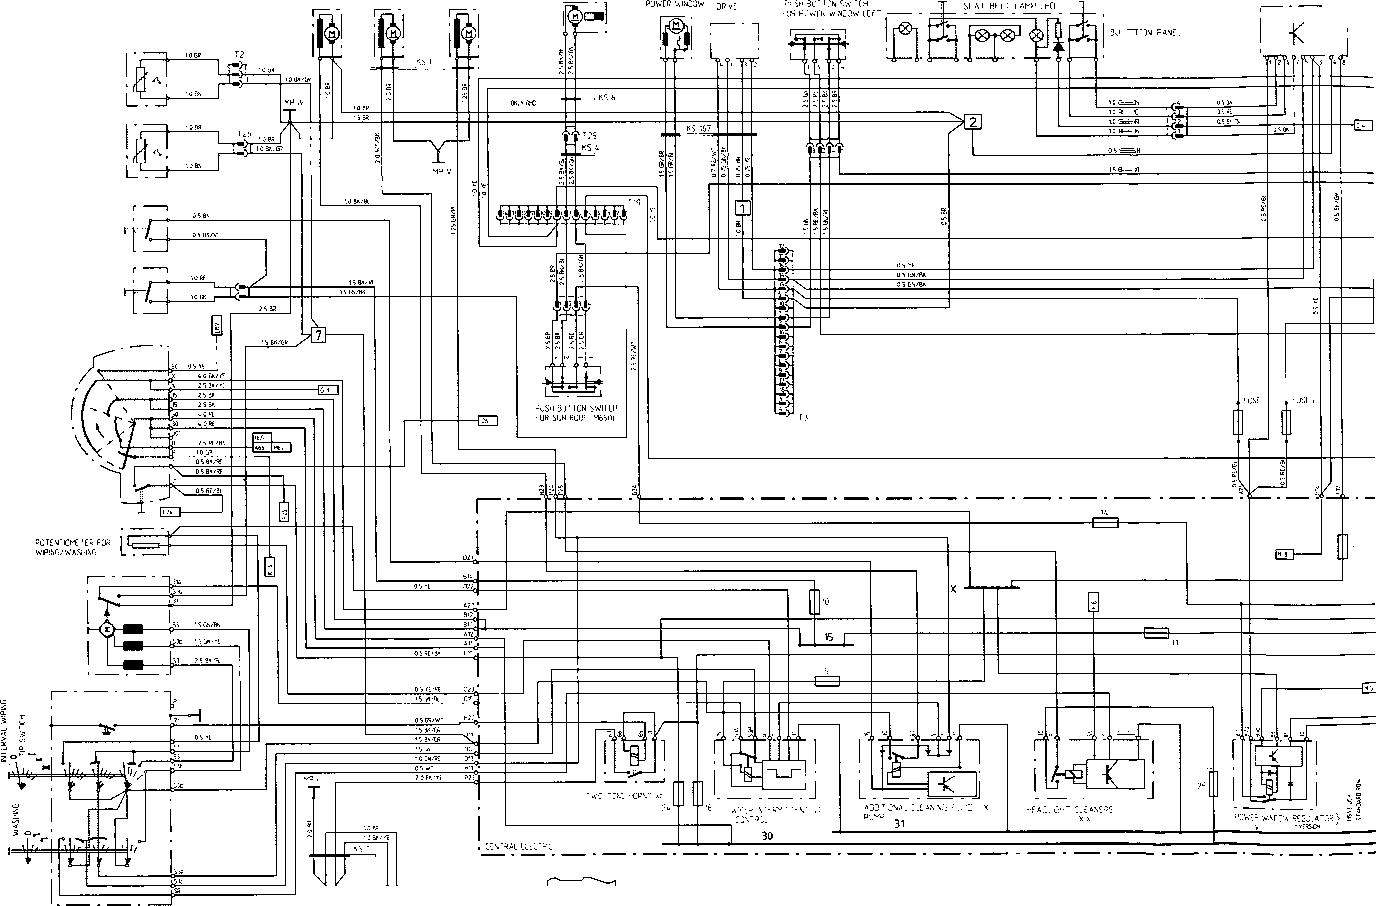 Porsche Wiring Diagram Tach Electrical Diagrams Sun Super 1977 928 S